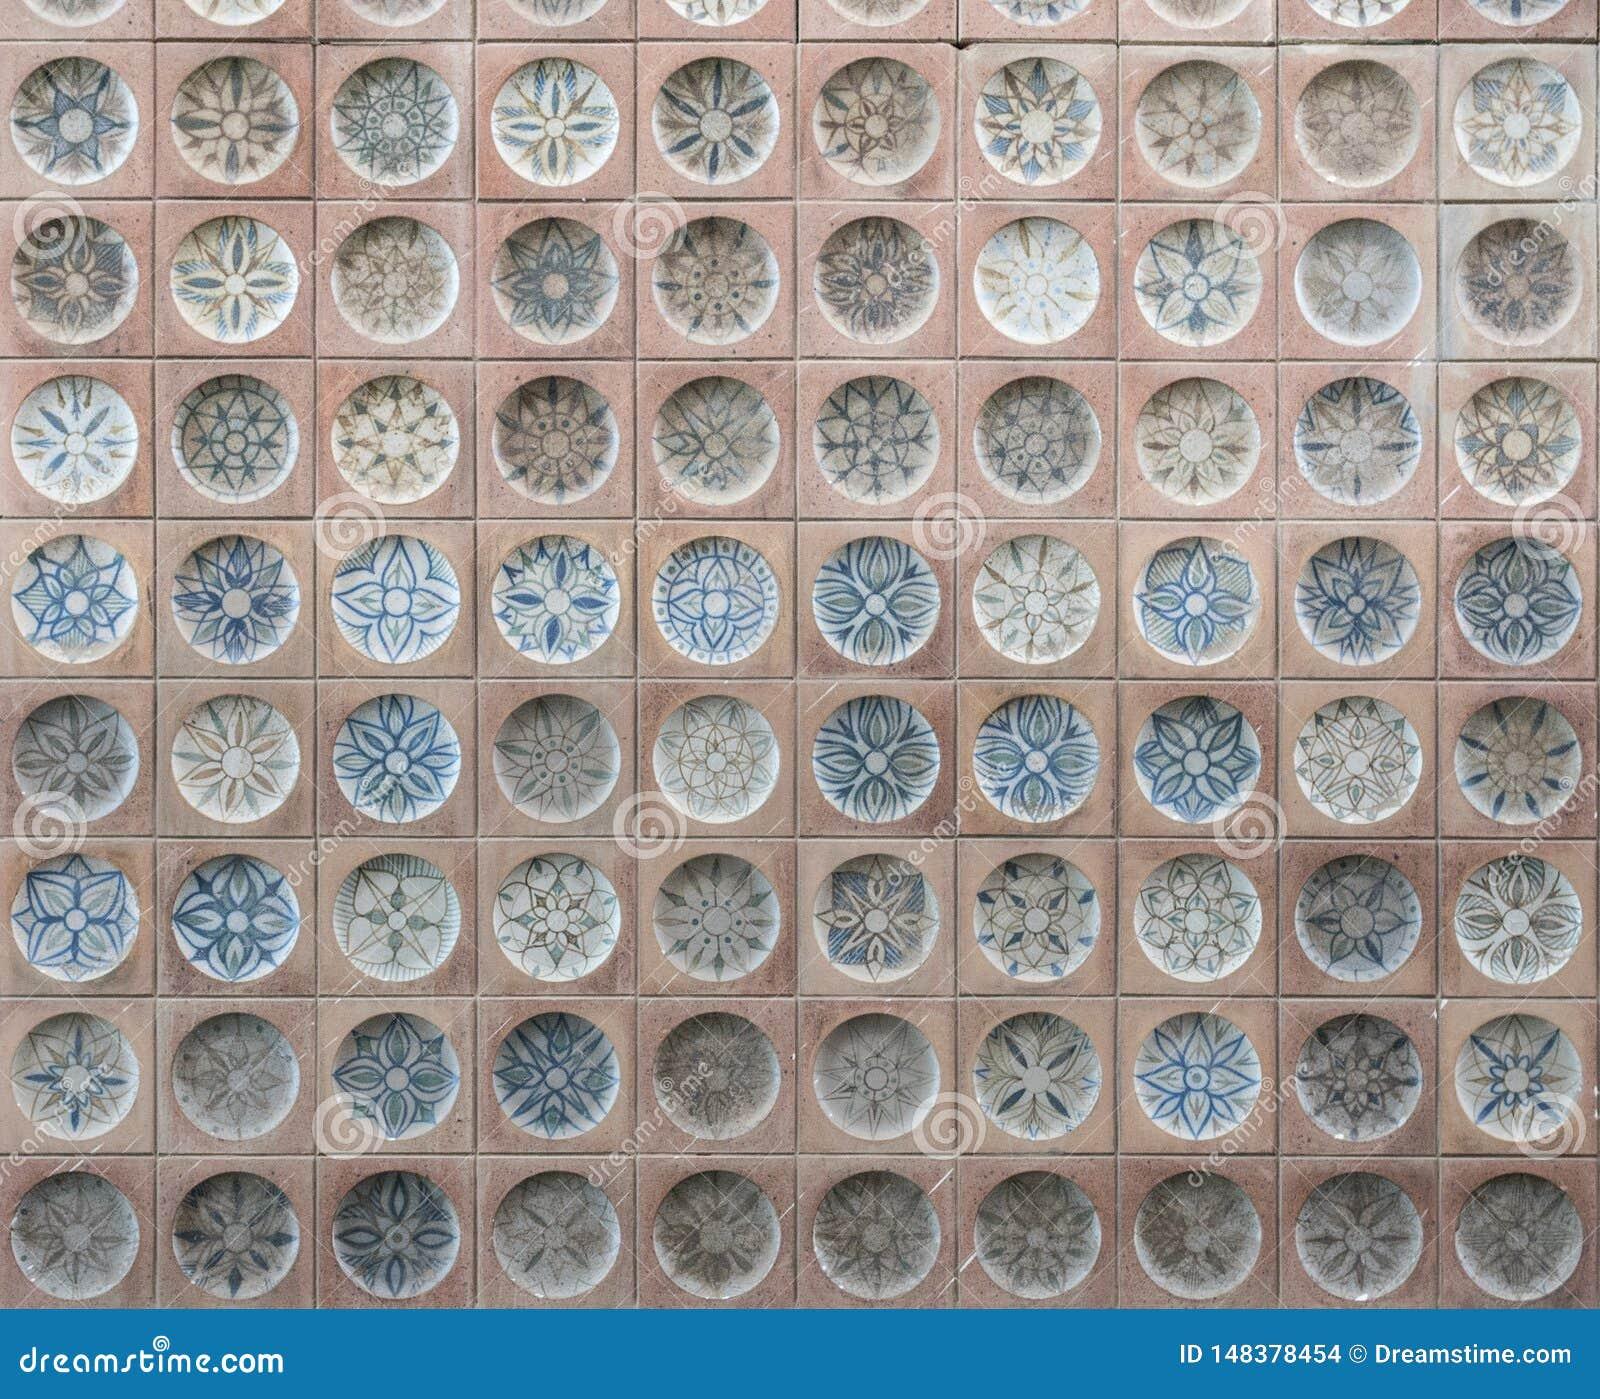 Stare Hiszpańskie ceramiczne płytki z wzorami, stawia czoło na budynku